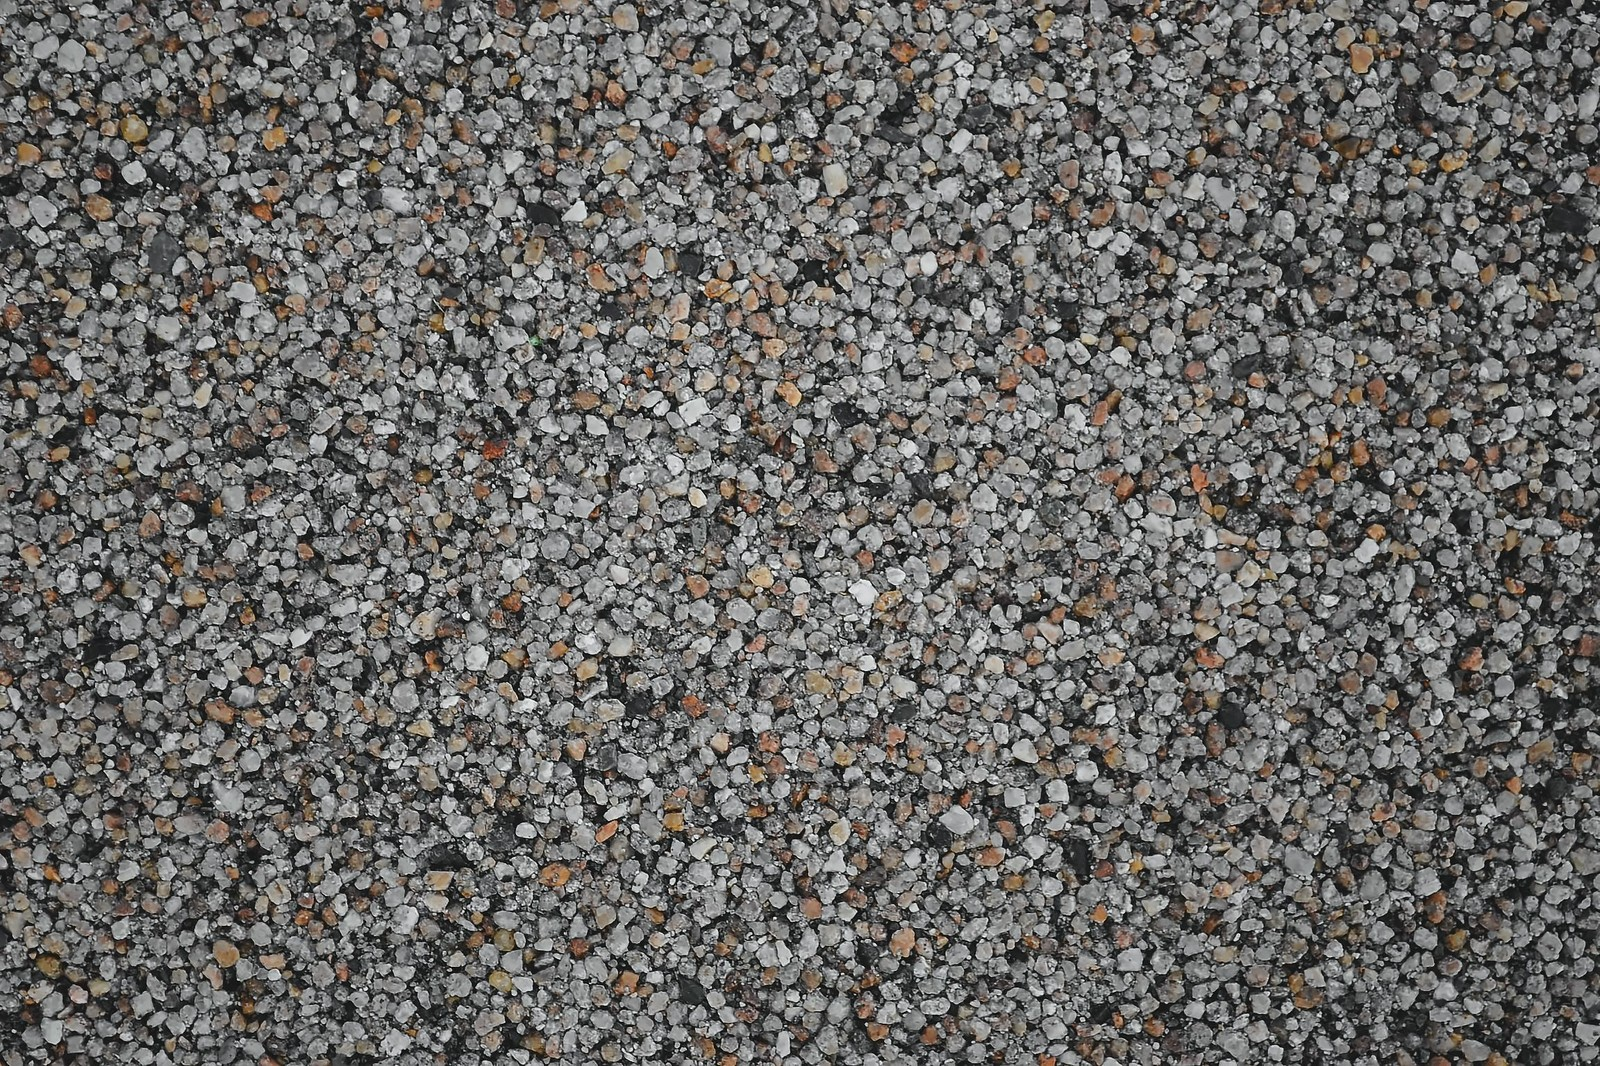 「小石のテクスチャー」の写真